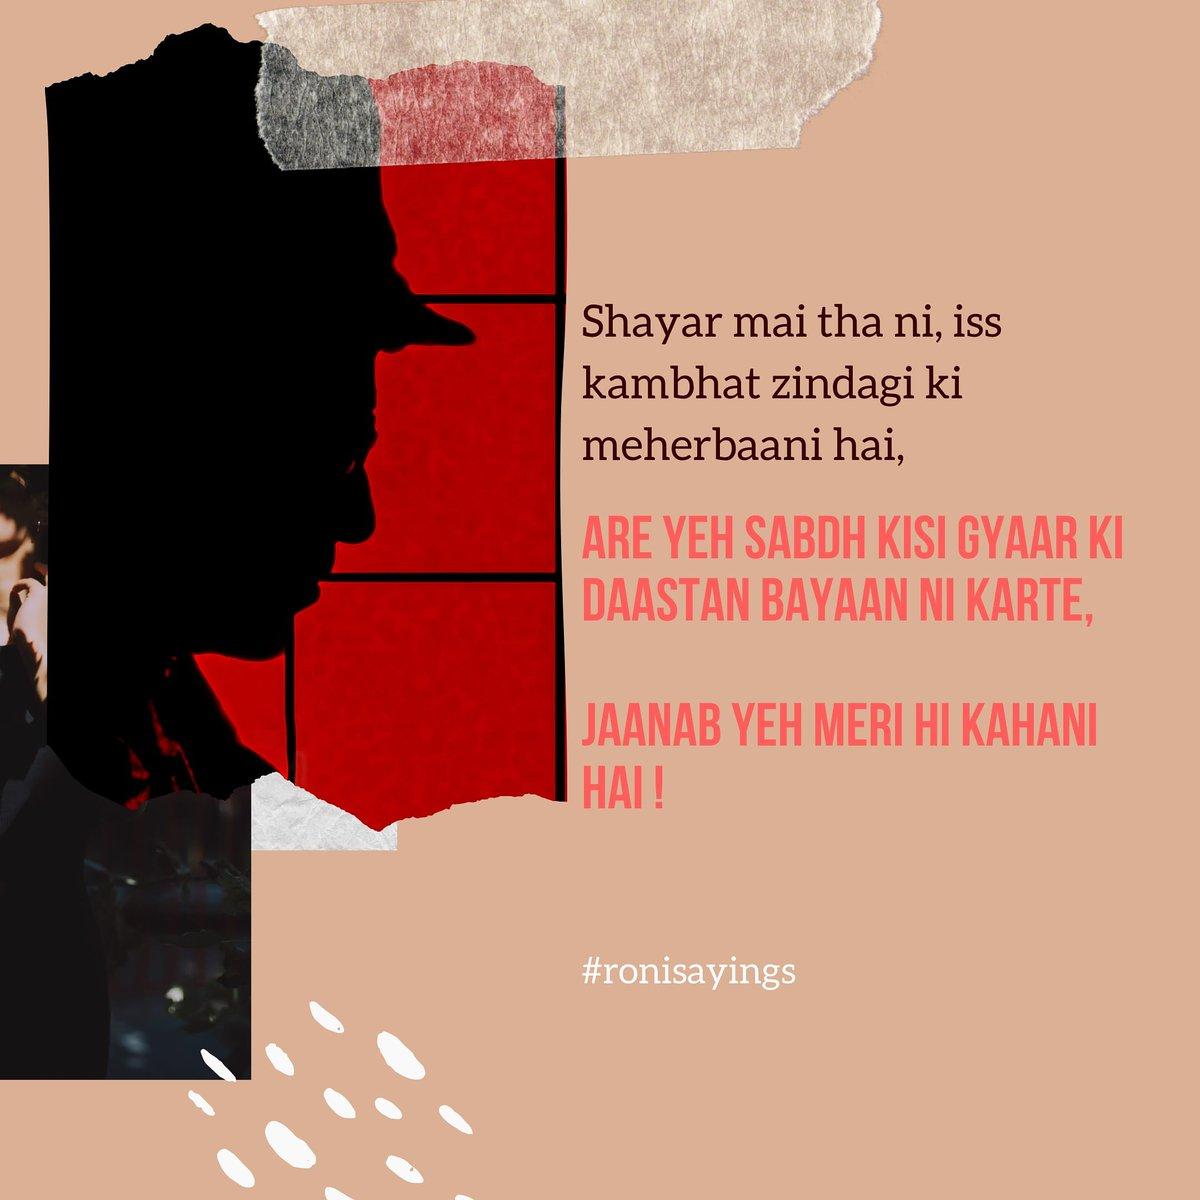 मेरी ही कहानी है। #ronisayings #hindipoetry . . . #urdu #wordstoliveby #rekhtasher #writing #sayiri #writersnetwork #writersofinstagram #writersofindia #indianwriting #writer #writers #india #hindiwriters #writersofig #writingprompts #writinglife https://t.co/JWfzMnym05